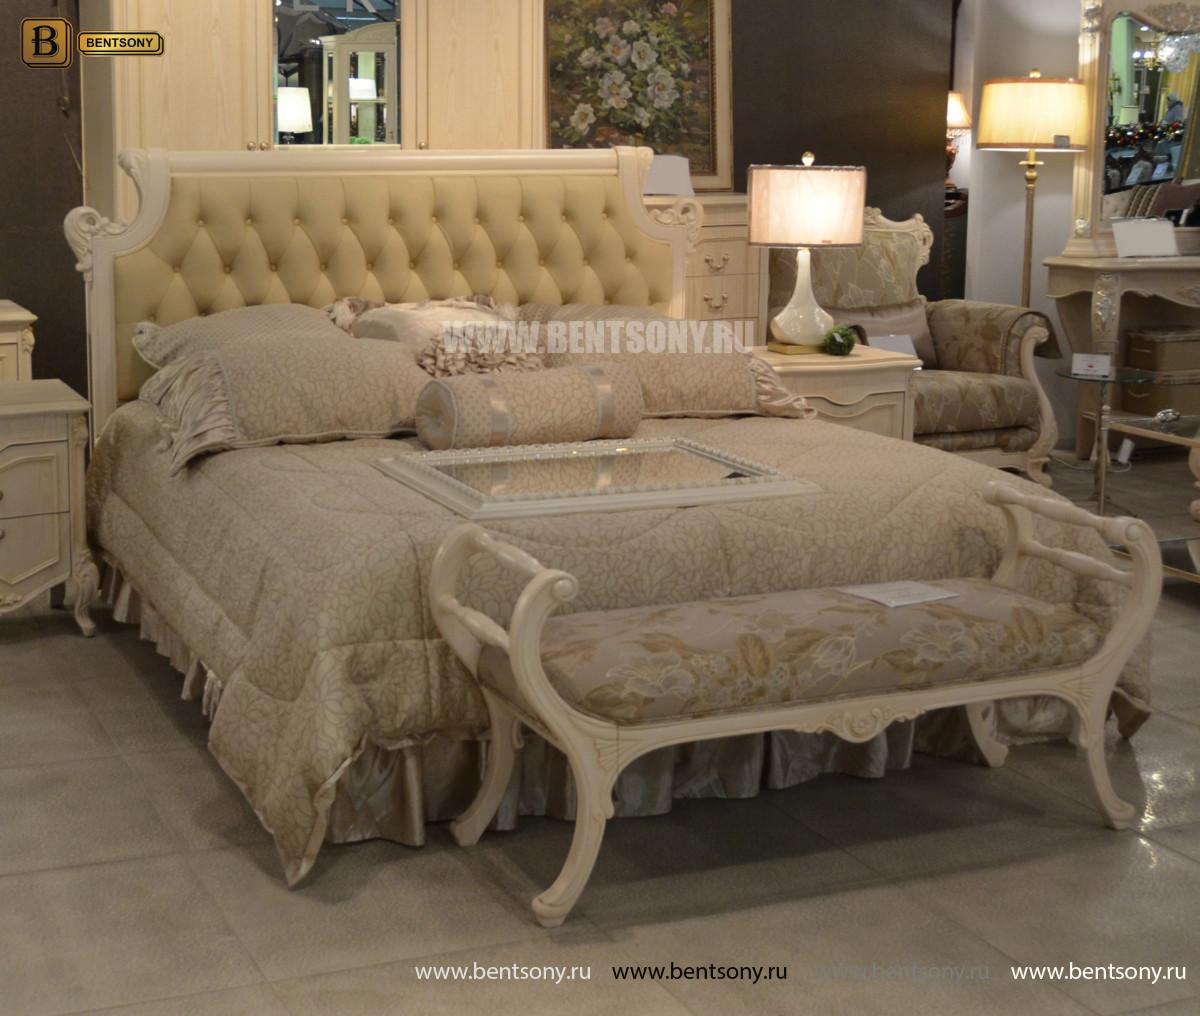 Кровать Флетчер-W D (Классика, Ткань) интернет магазин